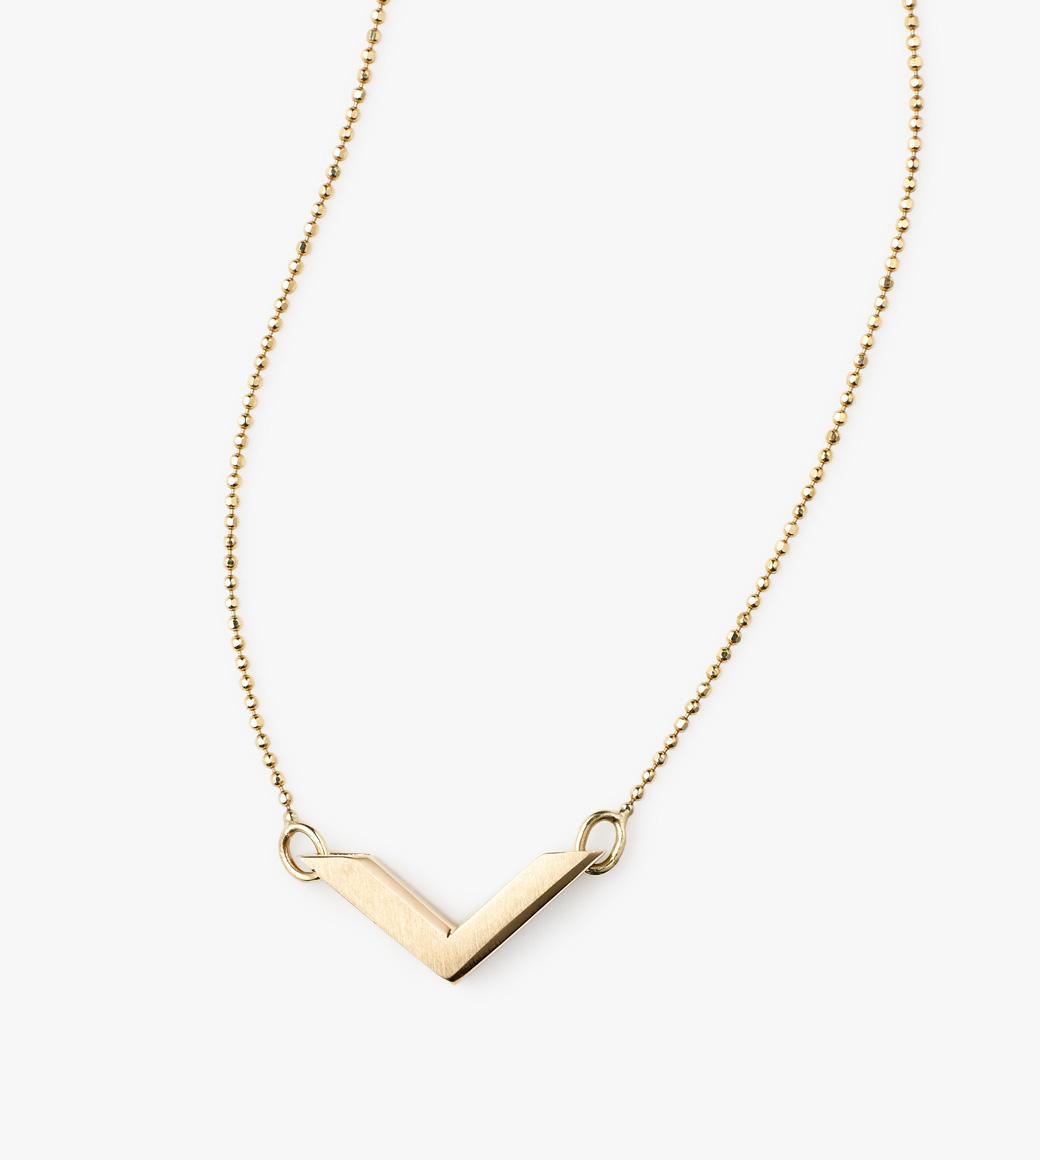 Fashion Jewelry | Amazon.com